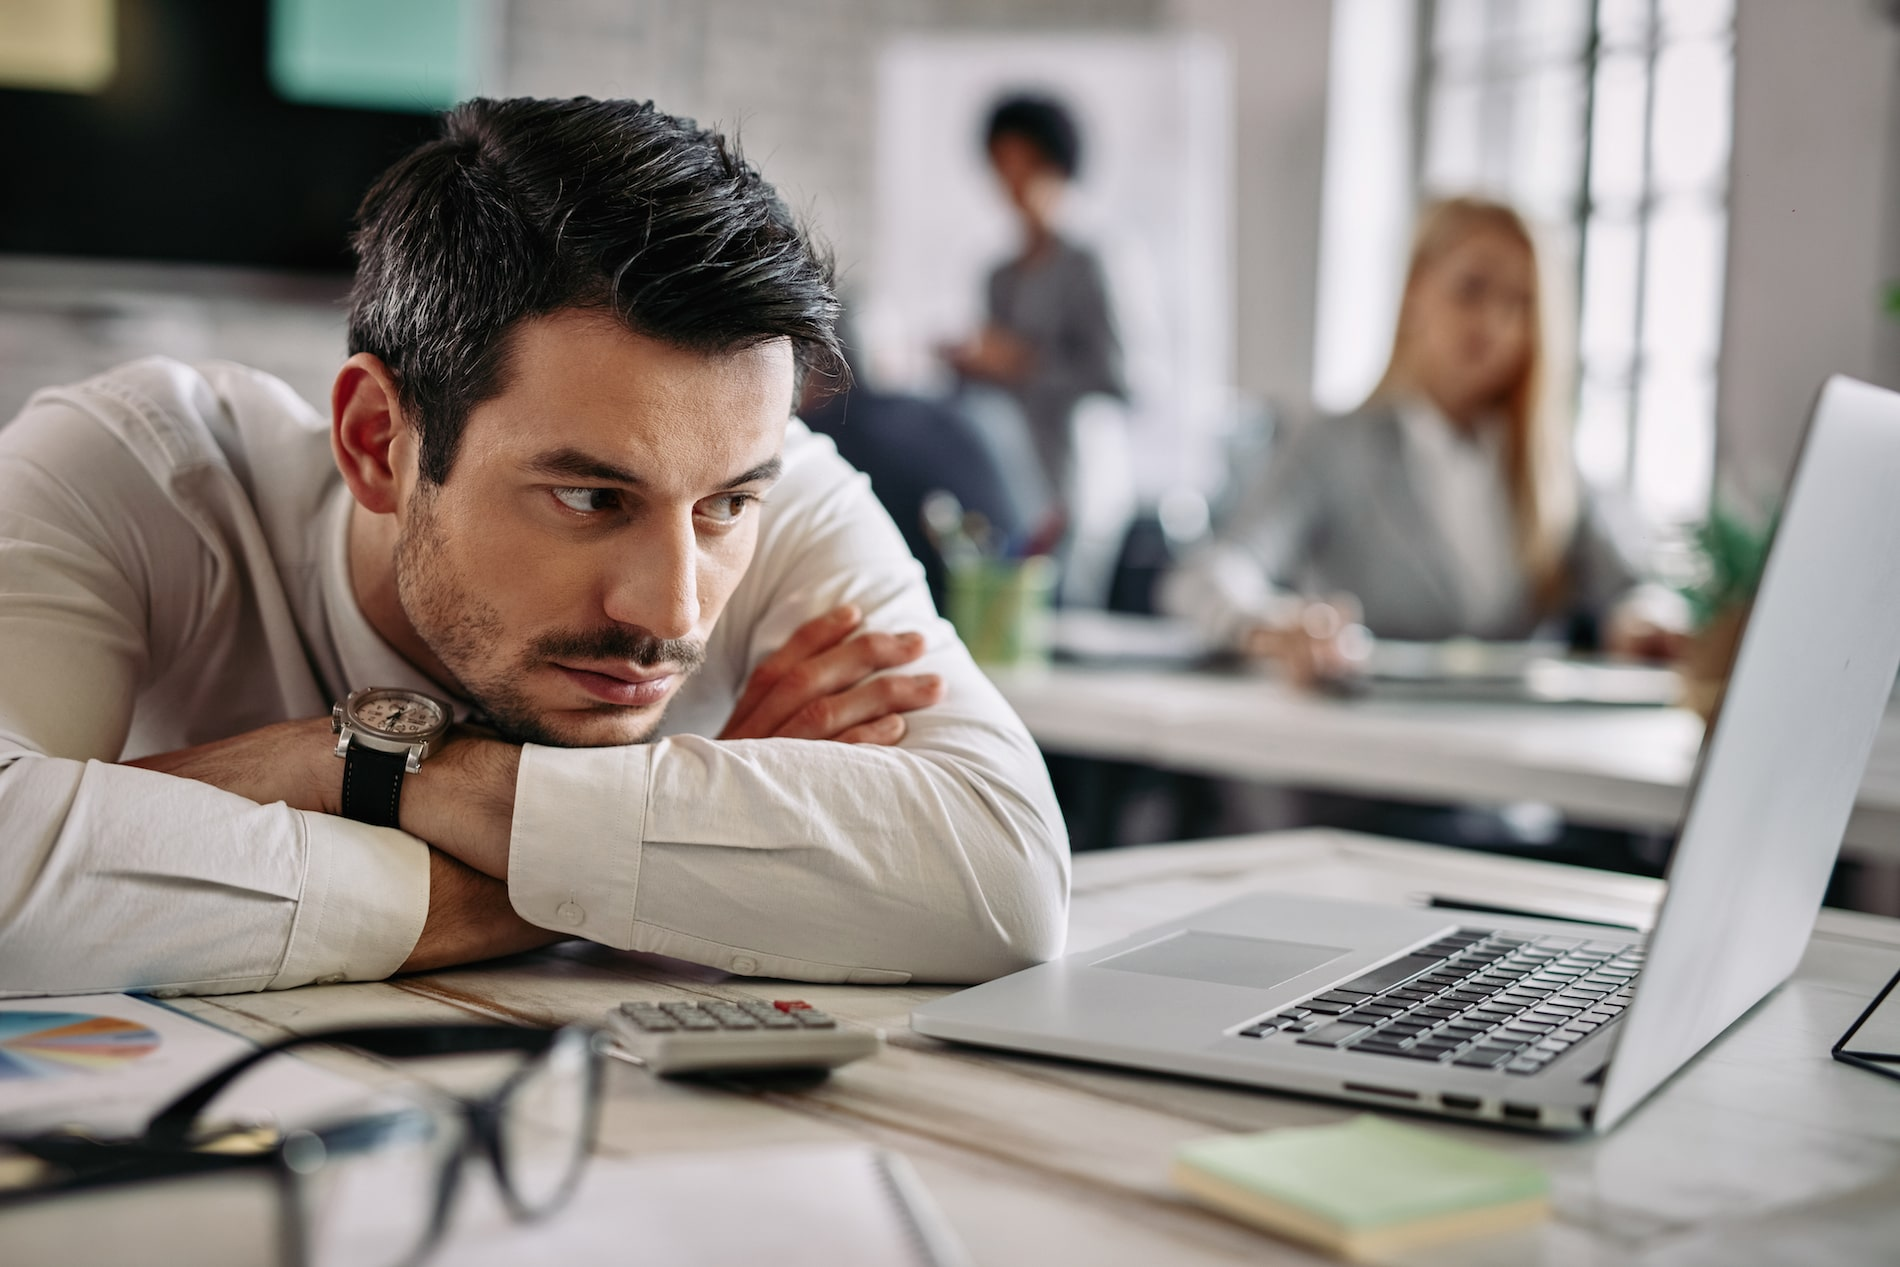 ¿Cómo saber si estoy estancado laboralmente?